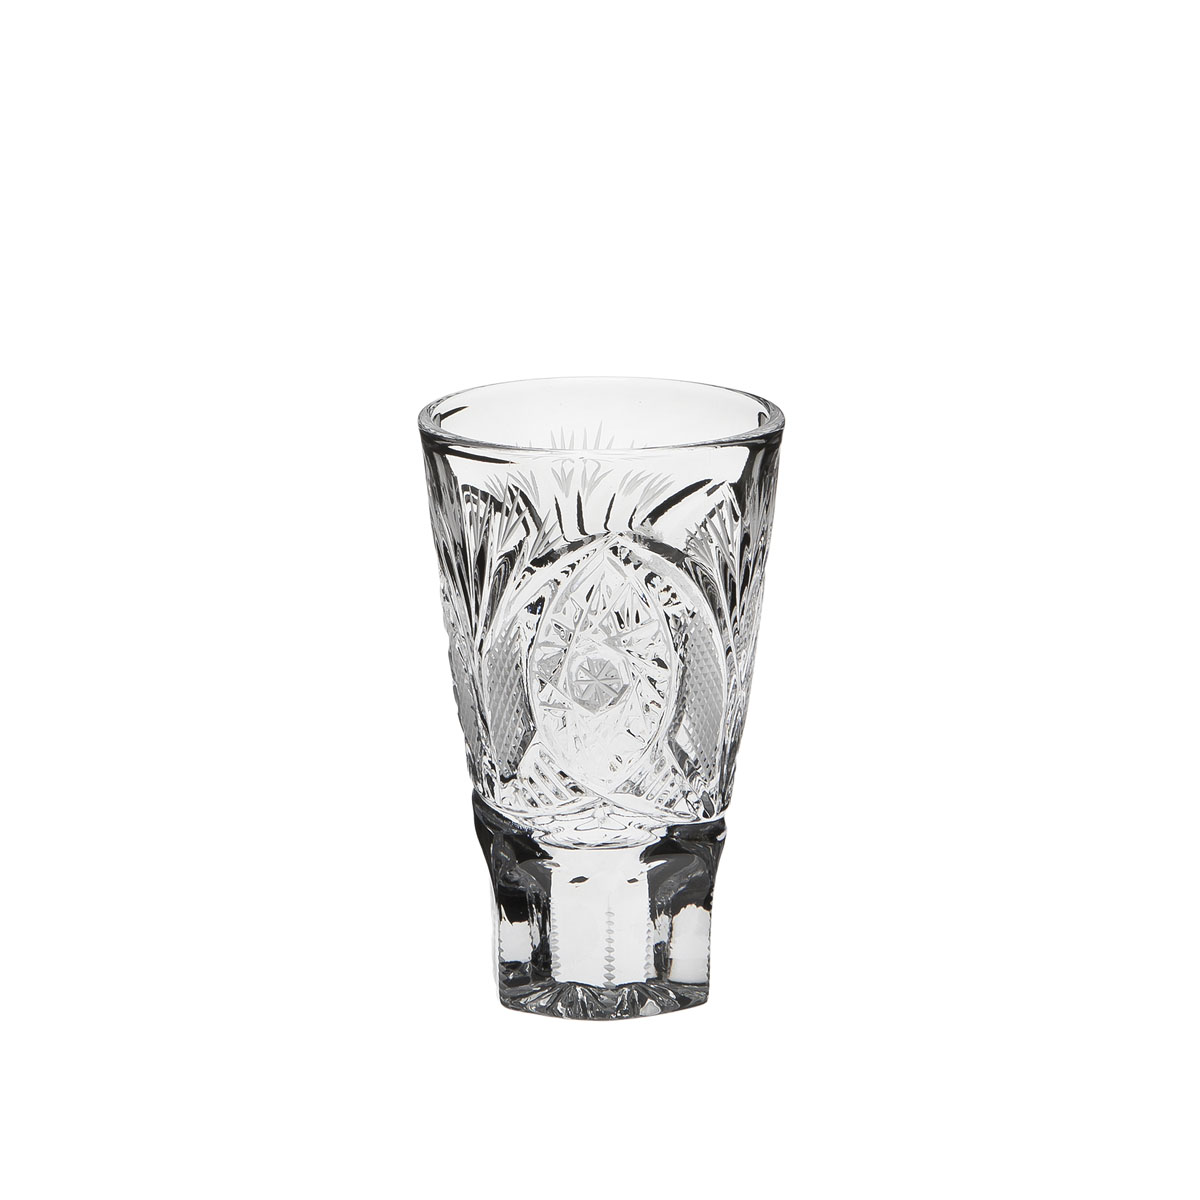 Стакан Дятьковский хрусталь Банкетный, 75 мл. С755/2VT-1520(SR)Хрустальные стаканы – красивое и простое решение для украшения праздничного стола. Стаканы из хрусталя универсальны, они подойдут и для алкогольных напитков – вина, шампанского, и для освежающих – минеральной воды, компота или сока. Если в вашей домашней коллекции еще нет предметов хрустальной посуды, купить хрустальные стаканы стоит обязательно.